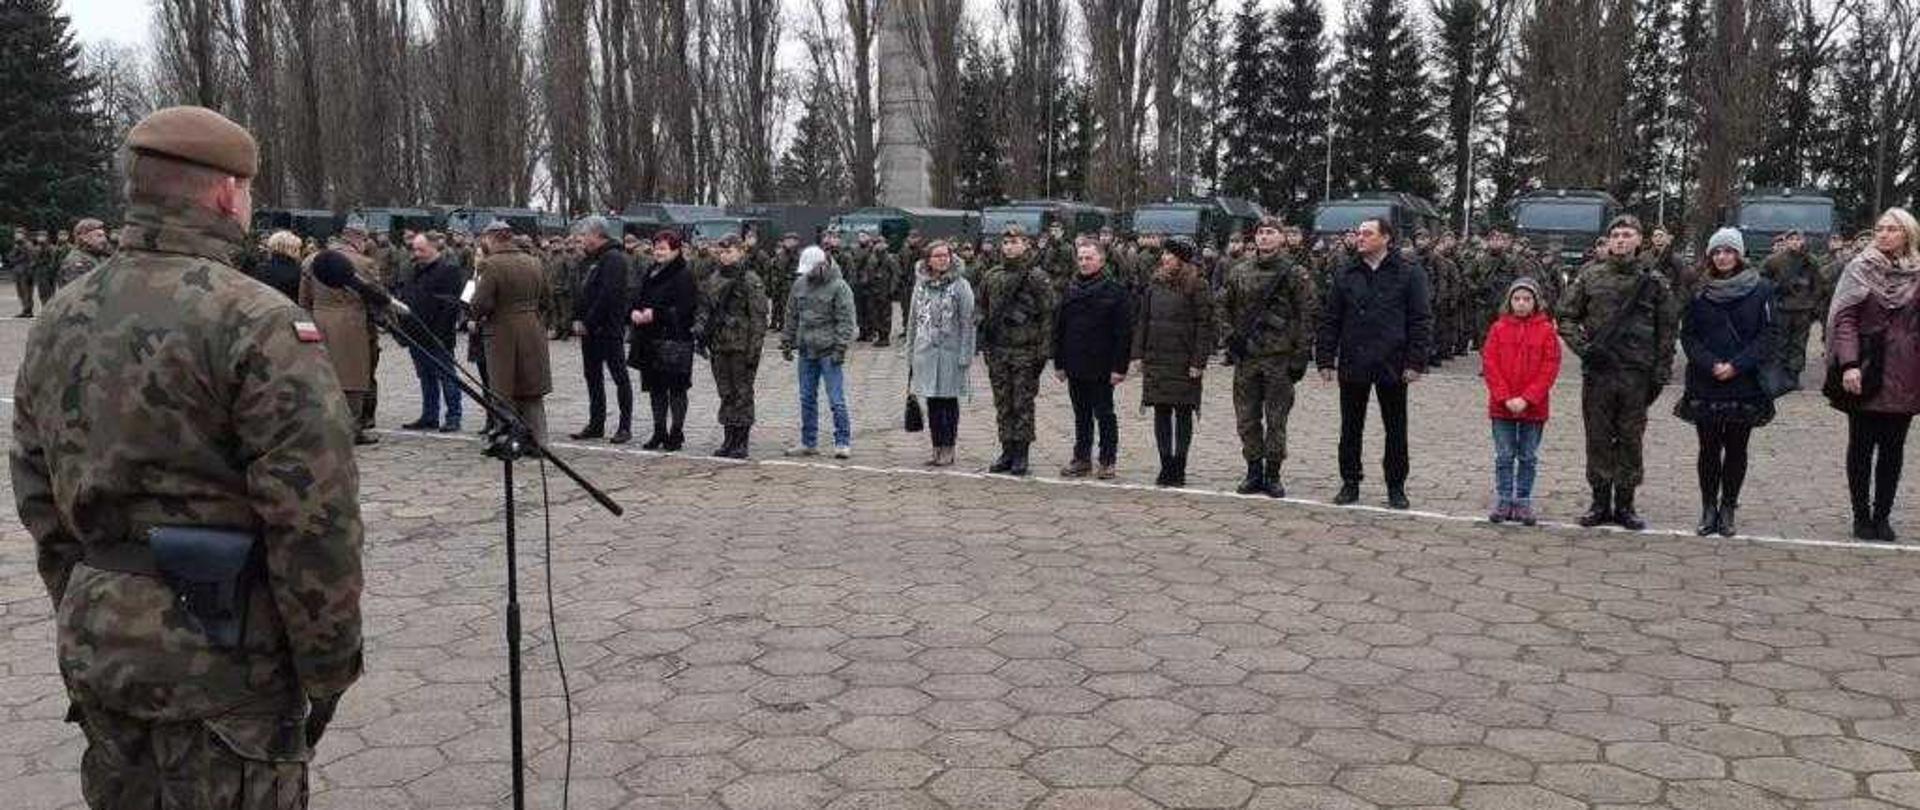 Żołnierze 5. Mazowieckiej Brygady Obrony Terytorialnej złożyli ostatnią w tym roku przysięgę.